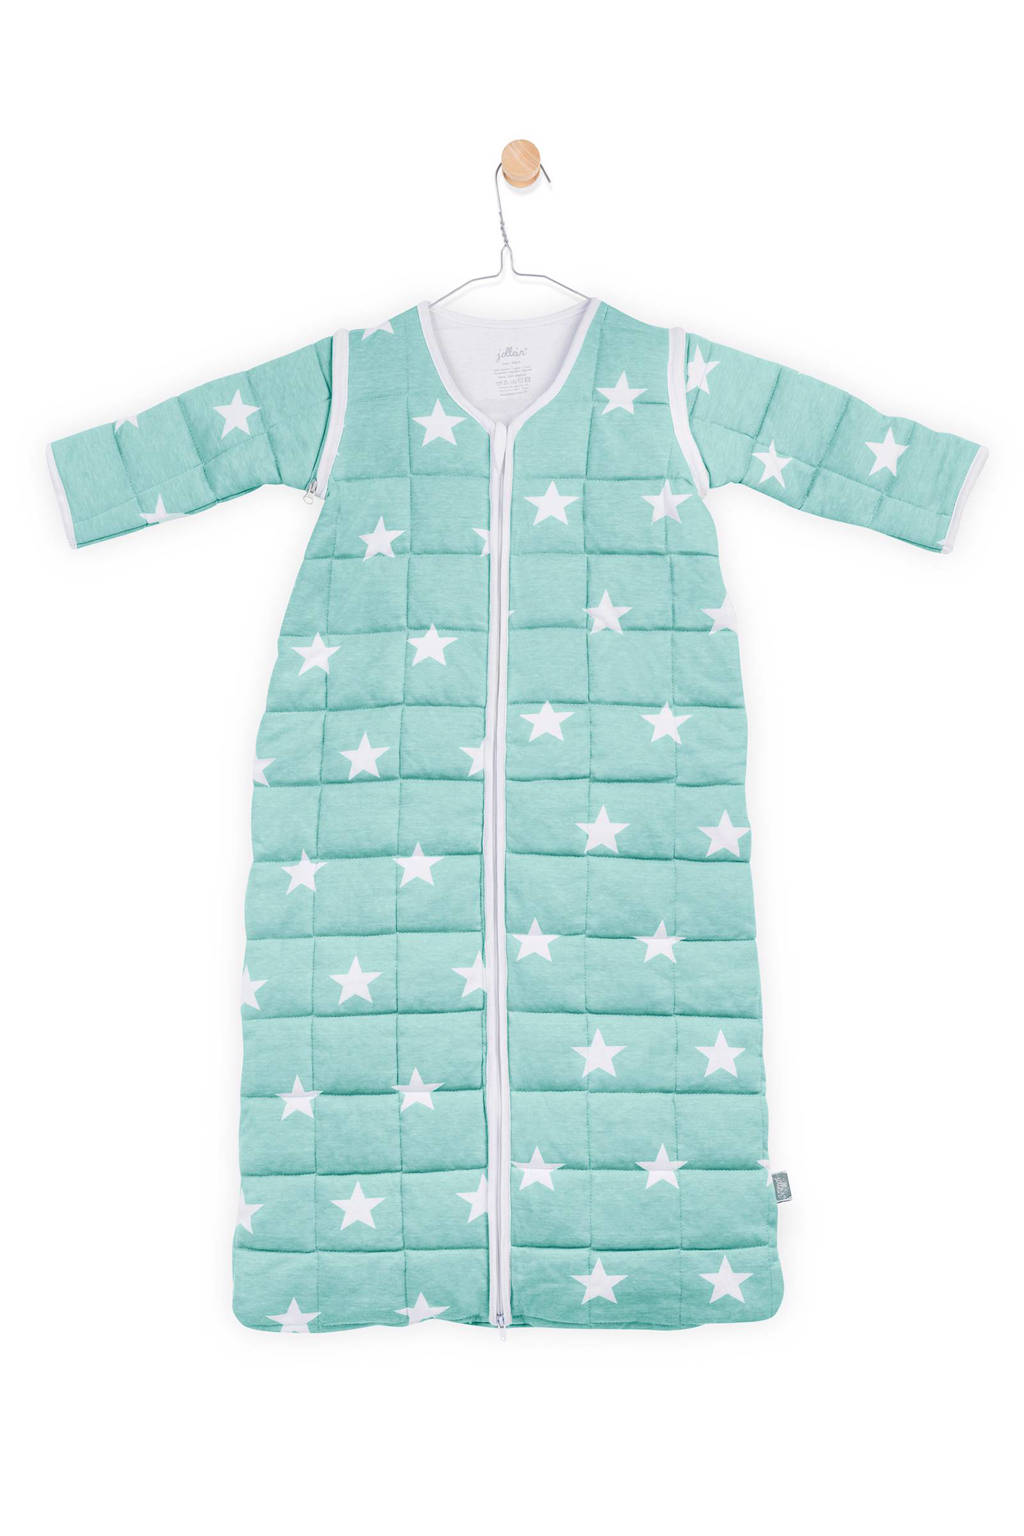 Jollein Little Star 4-seizoenen baby slaapzak 0-6 mnd jade, Jade